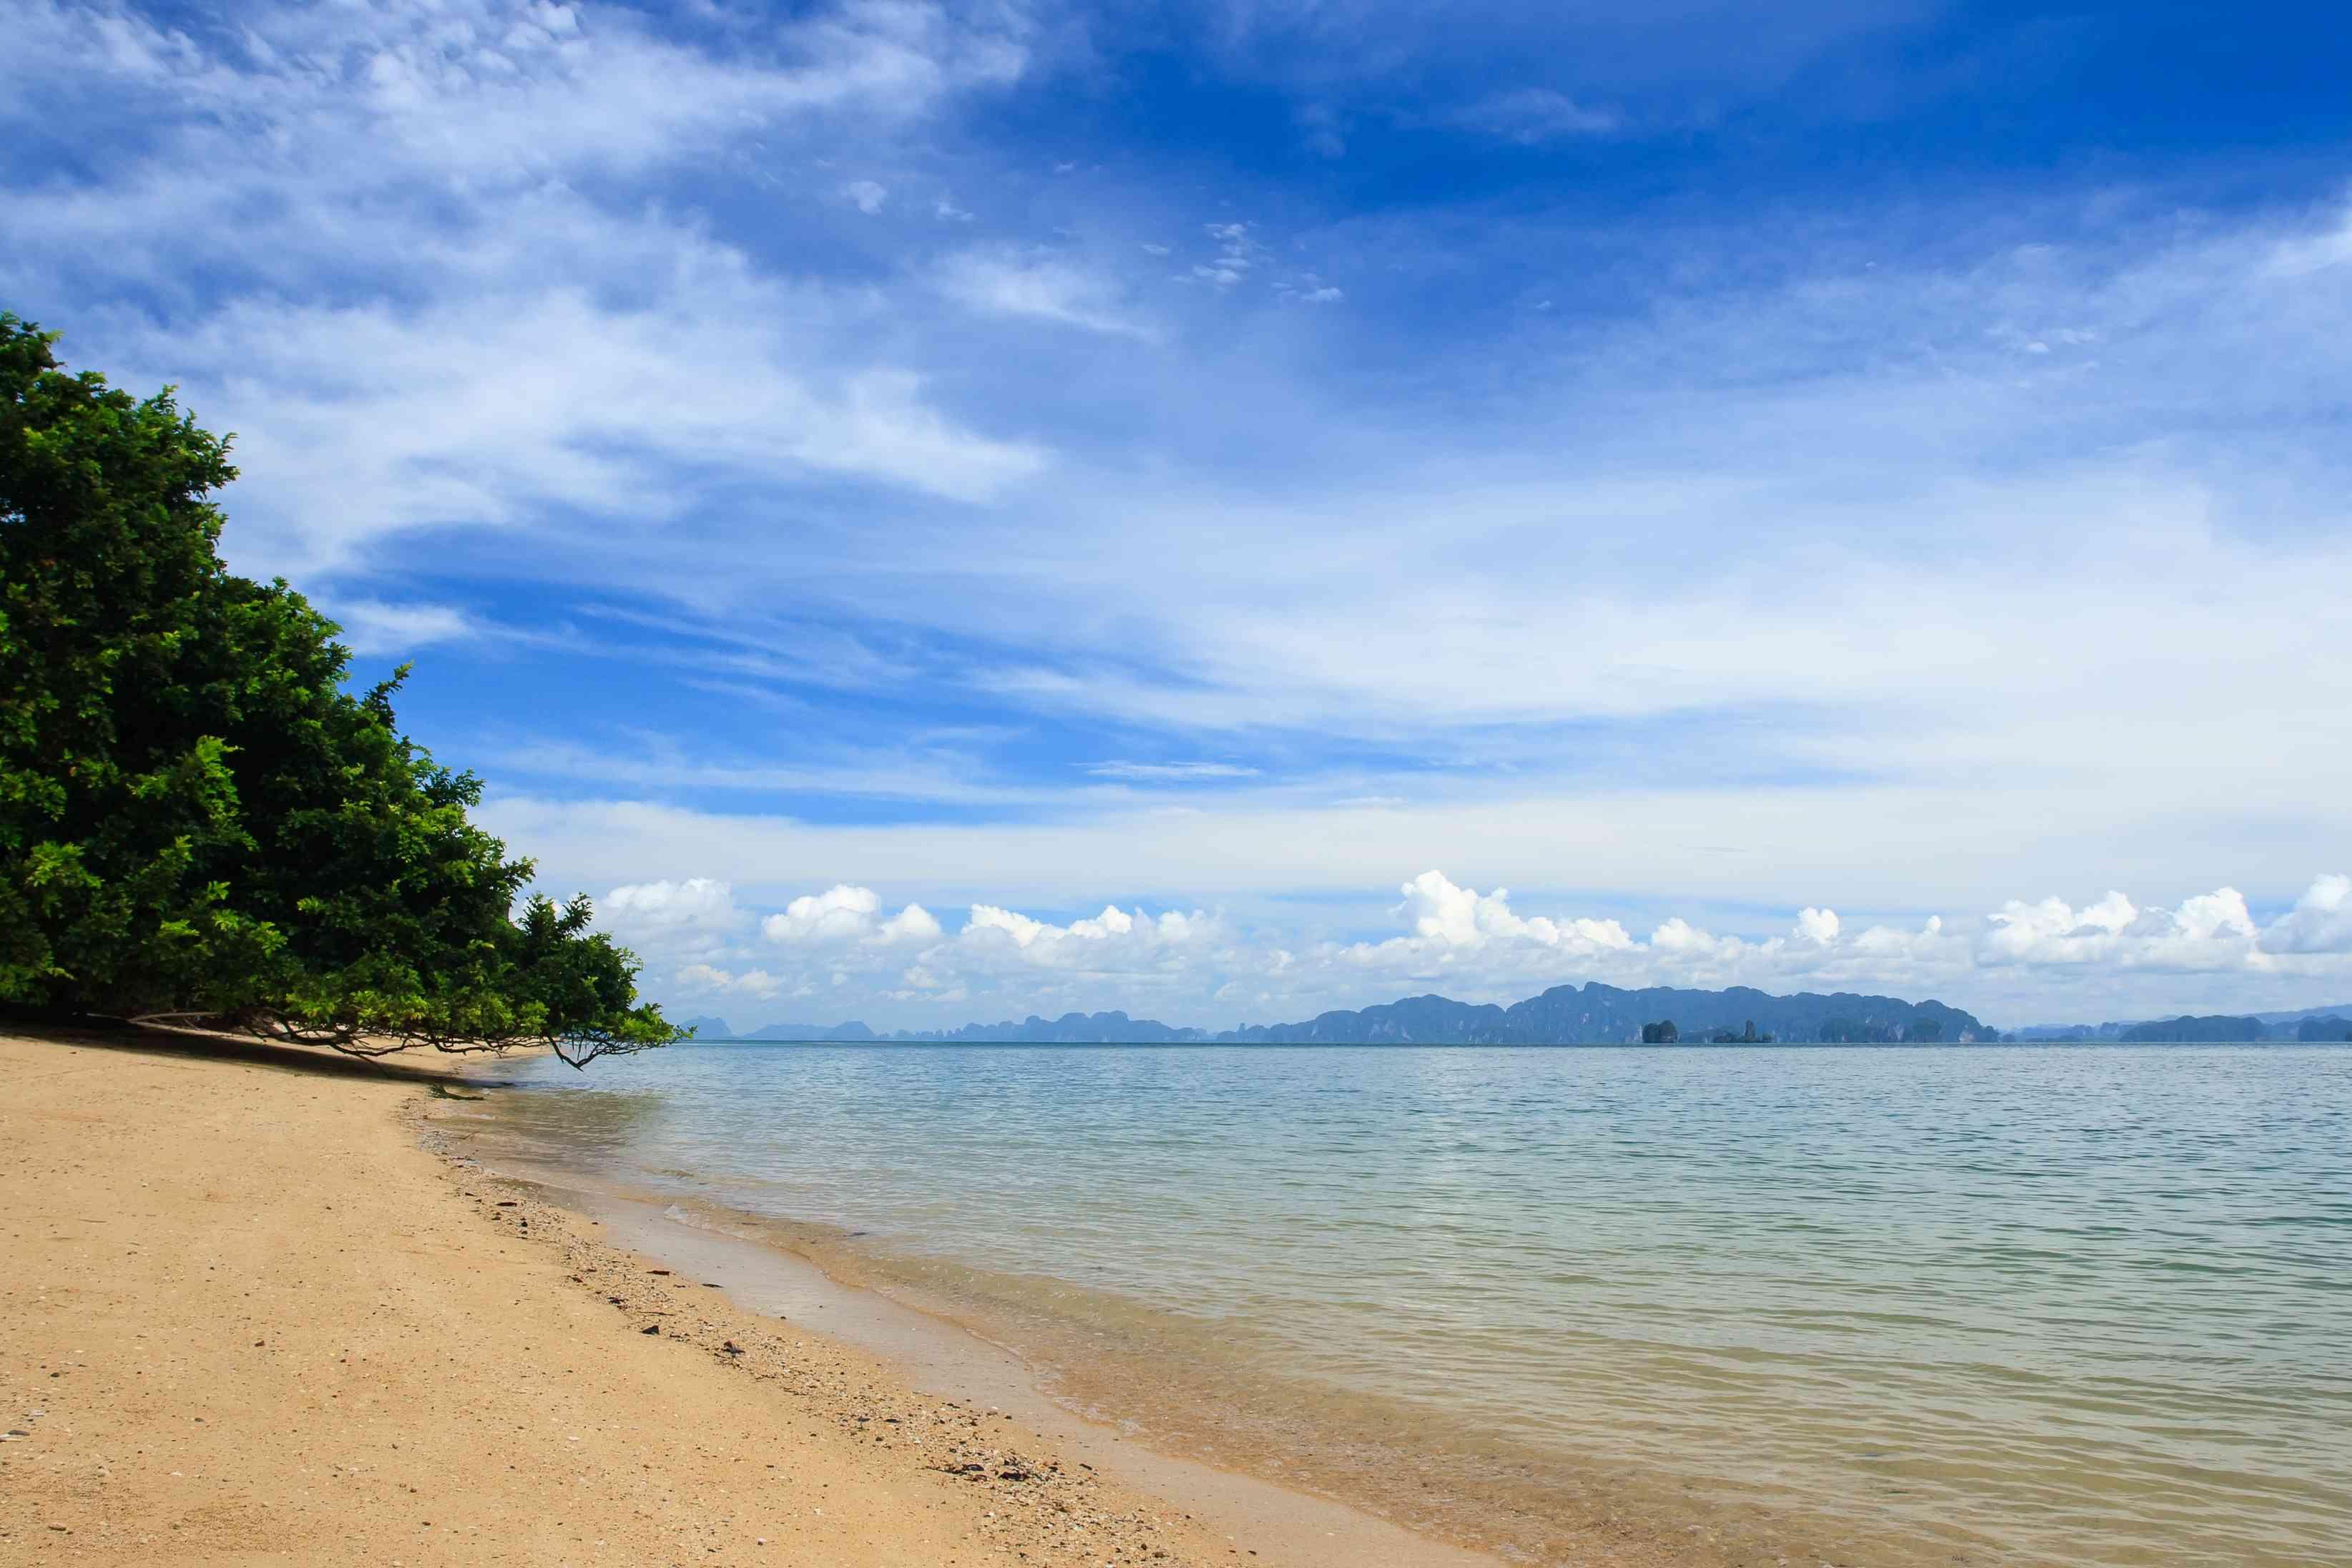 Vista al mar con Koh Yao Noi, Phang Nga, Tailandia